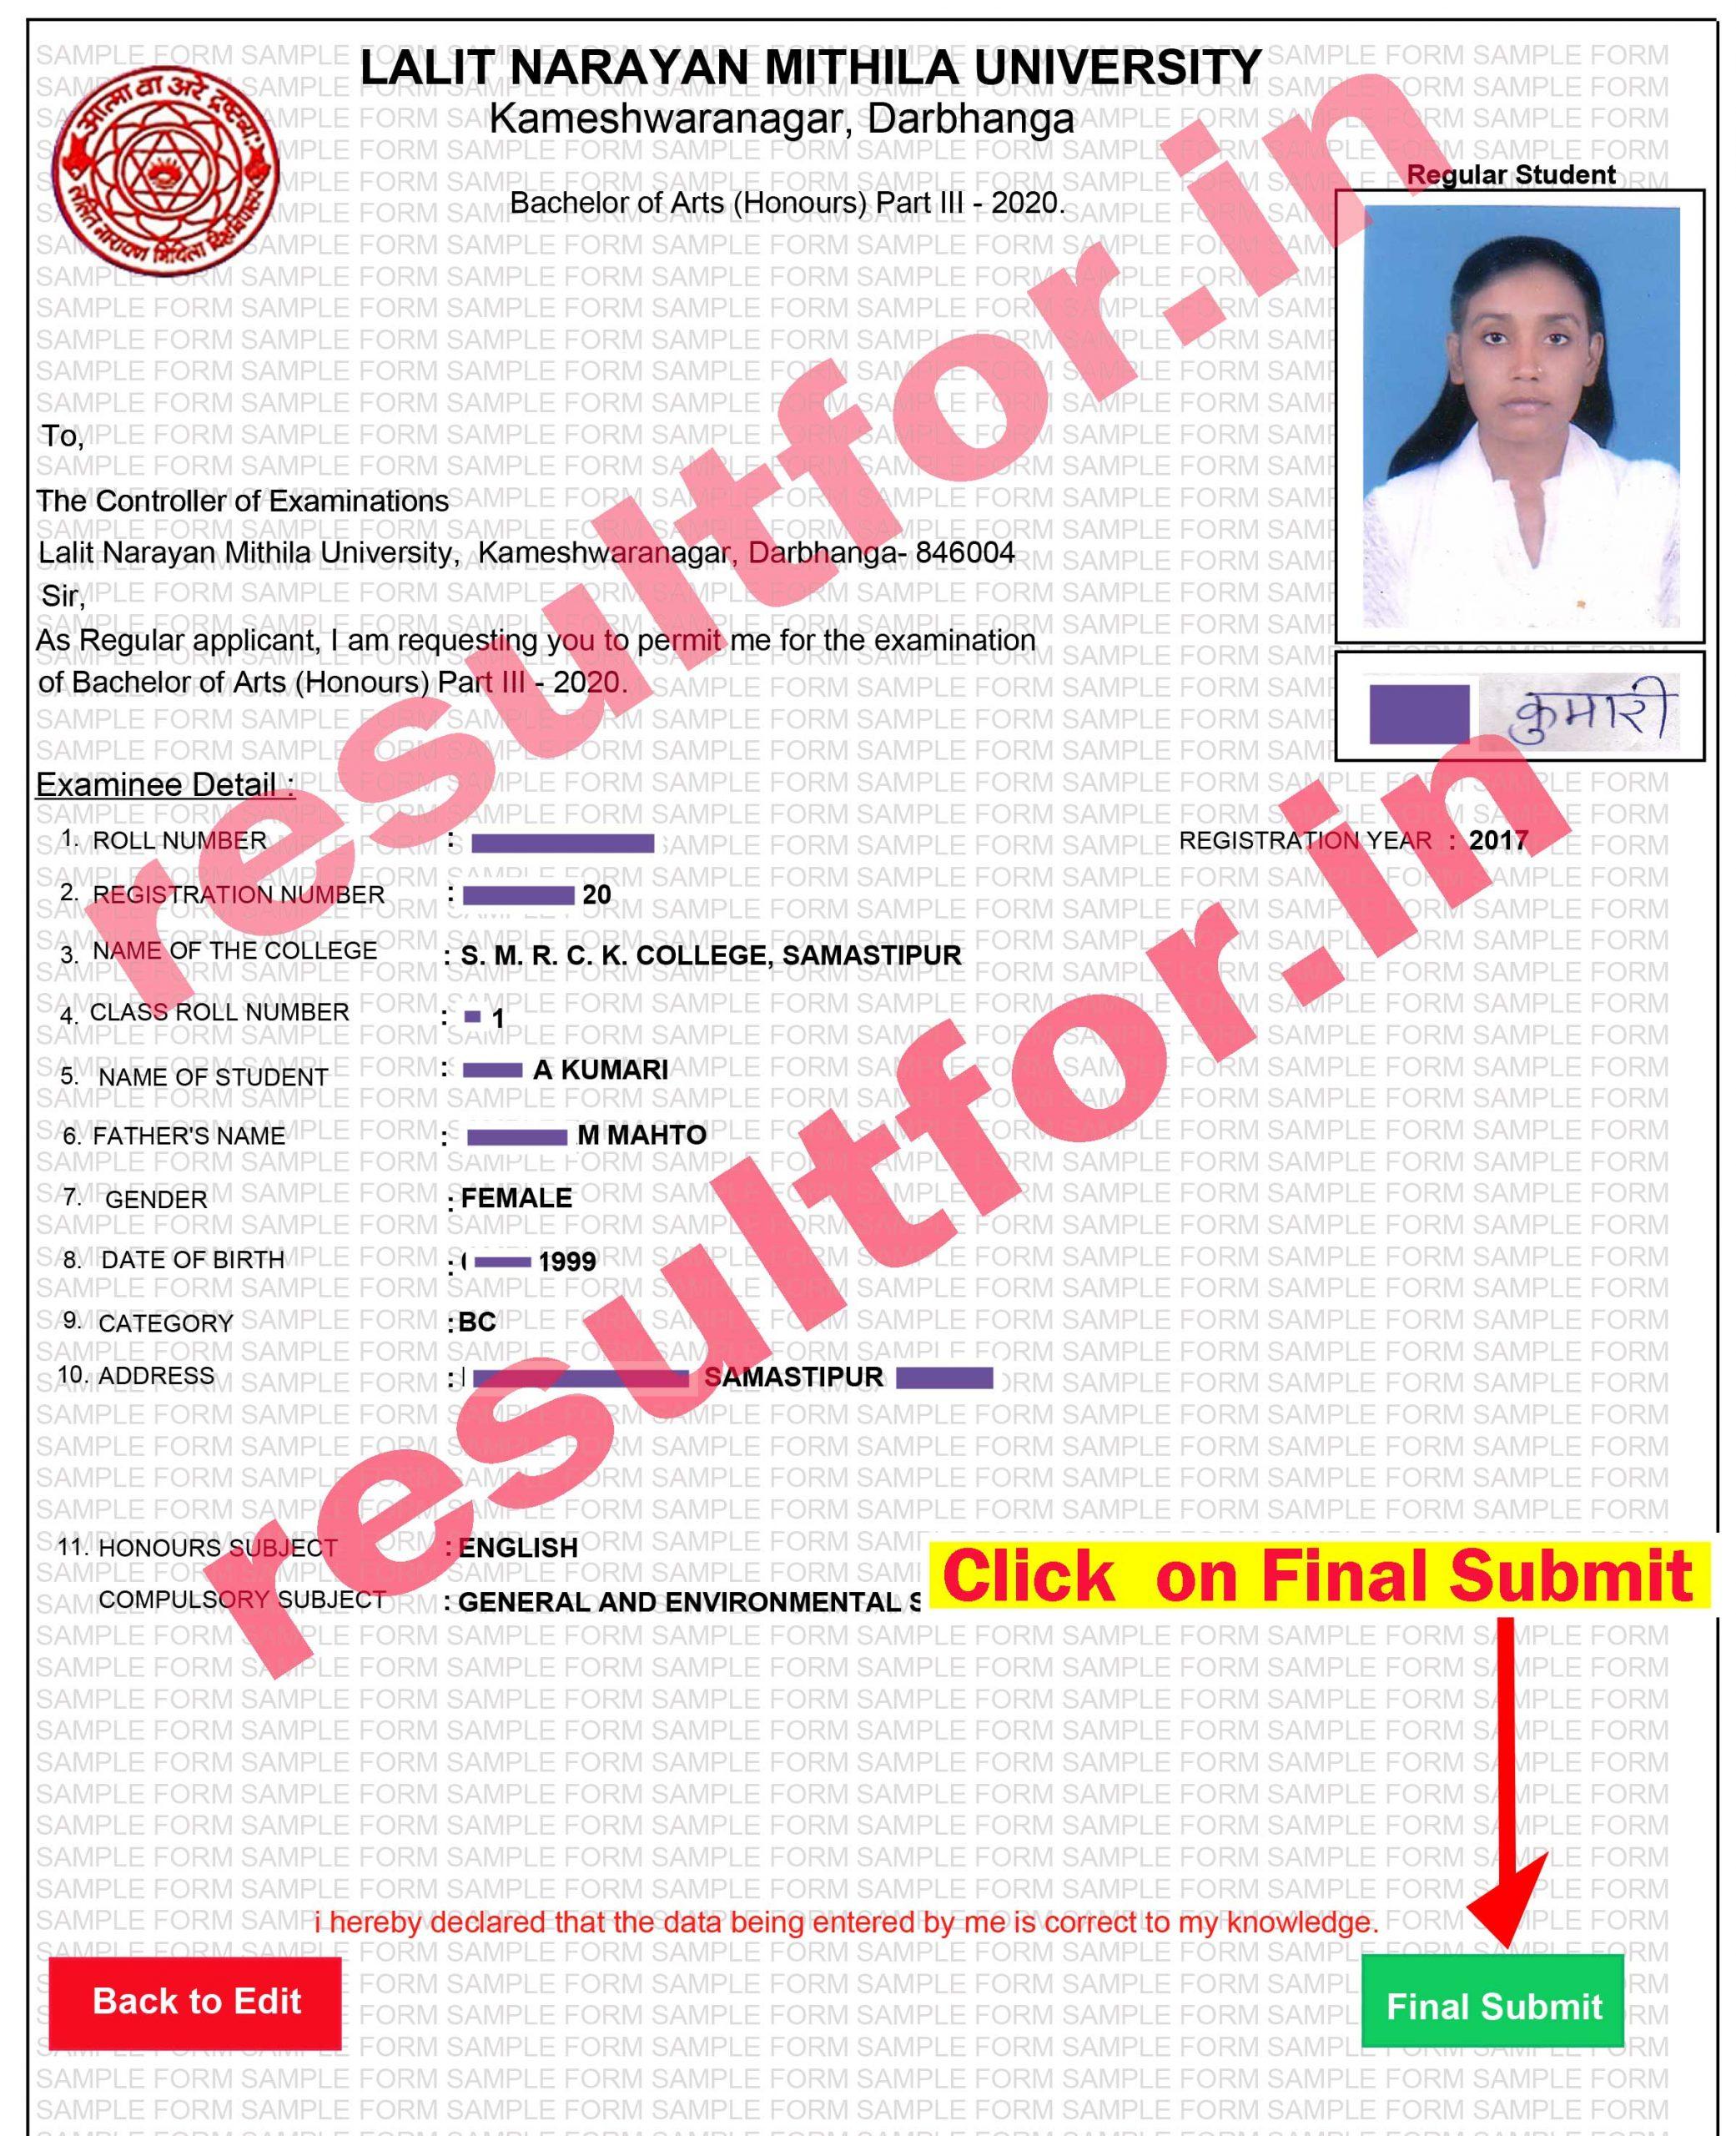 mithila university graduation part 3 form view